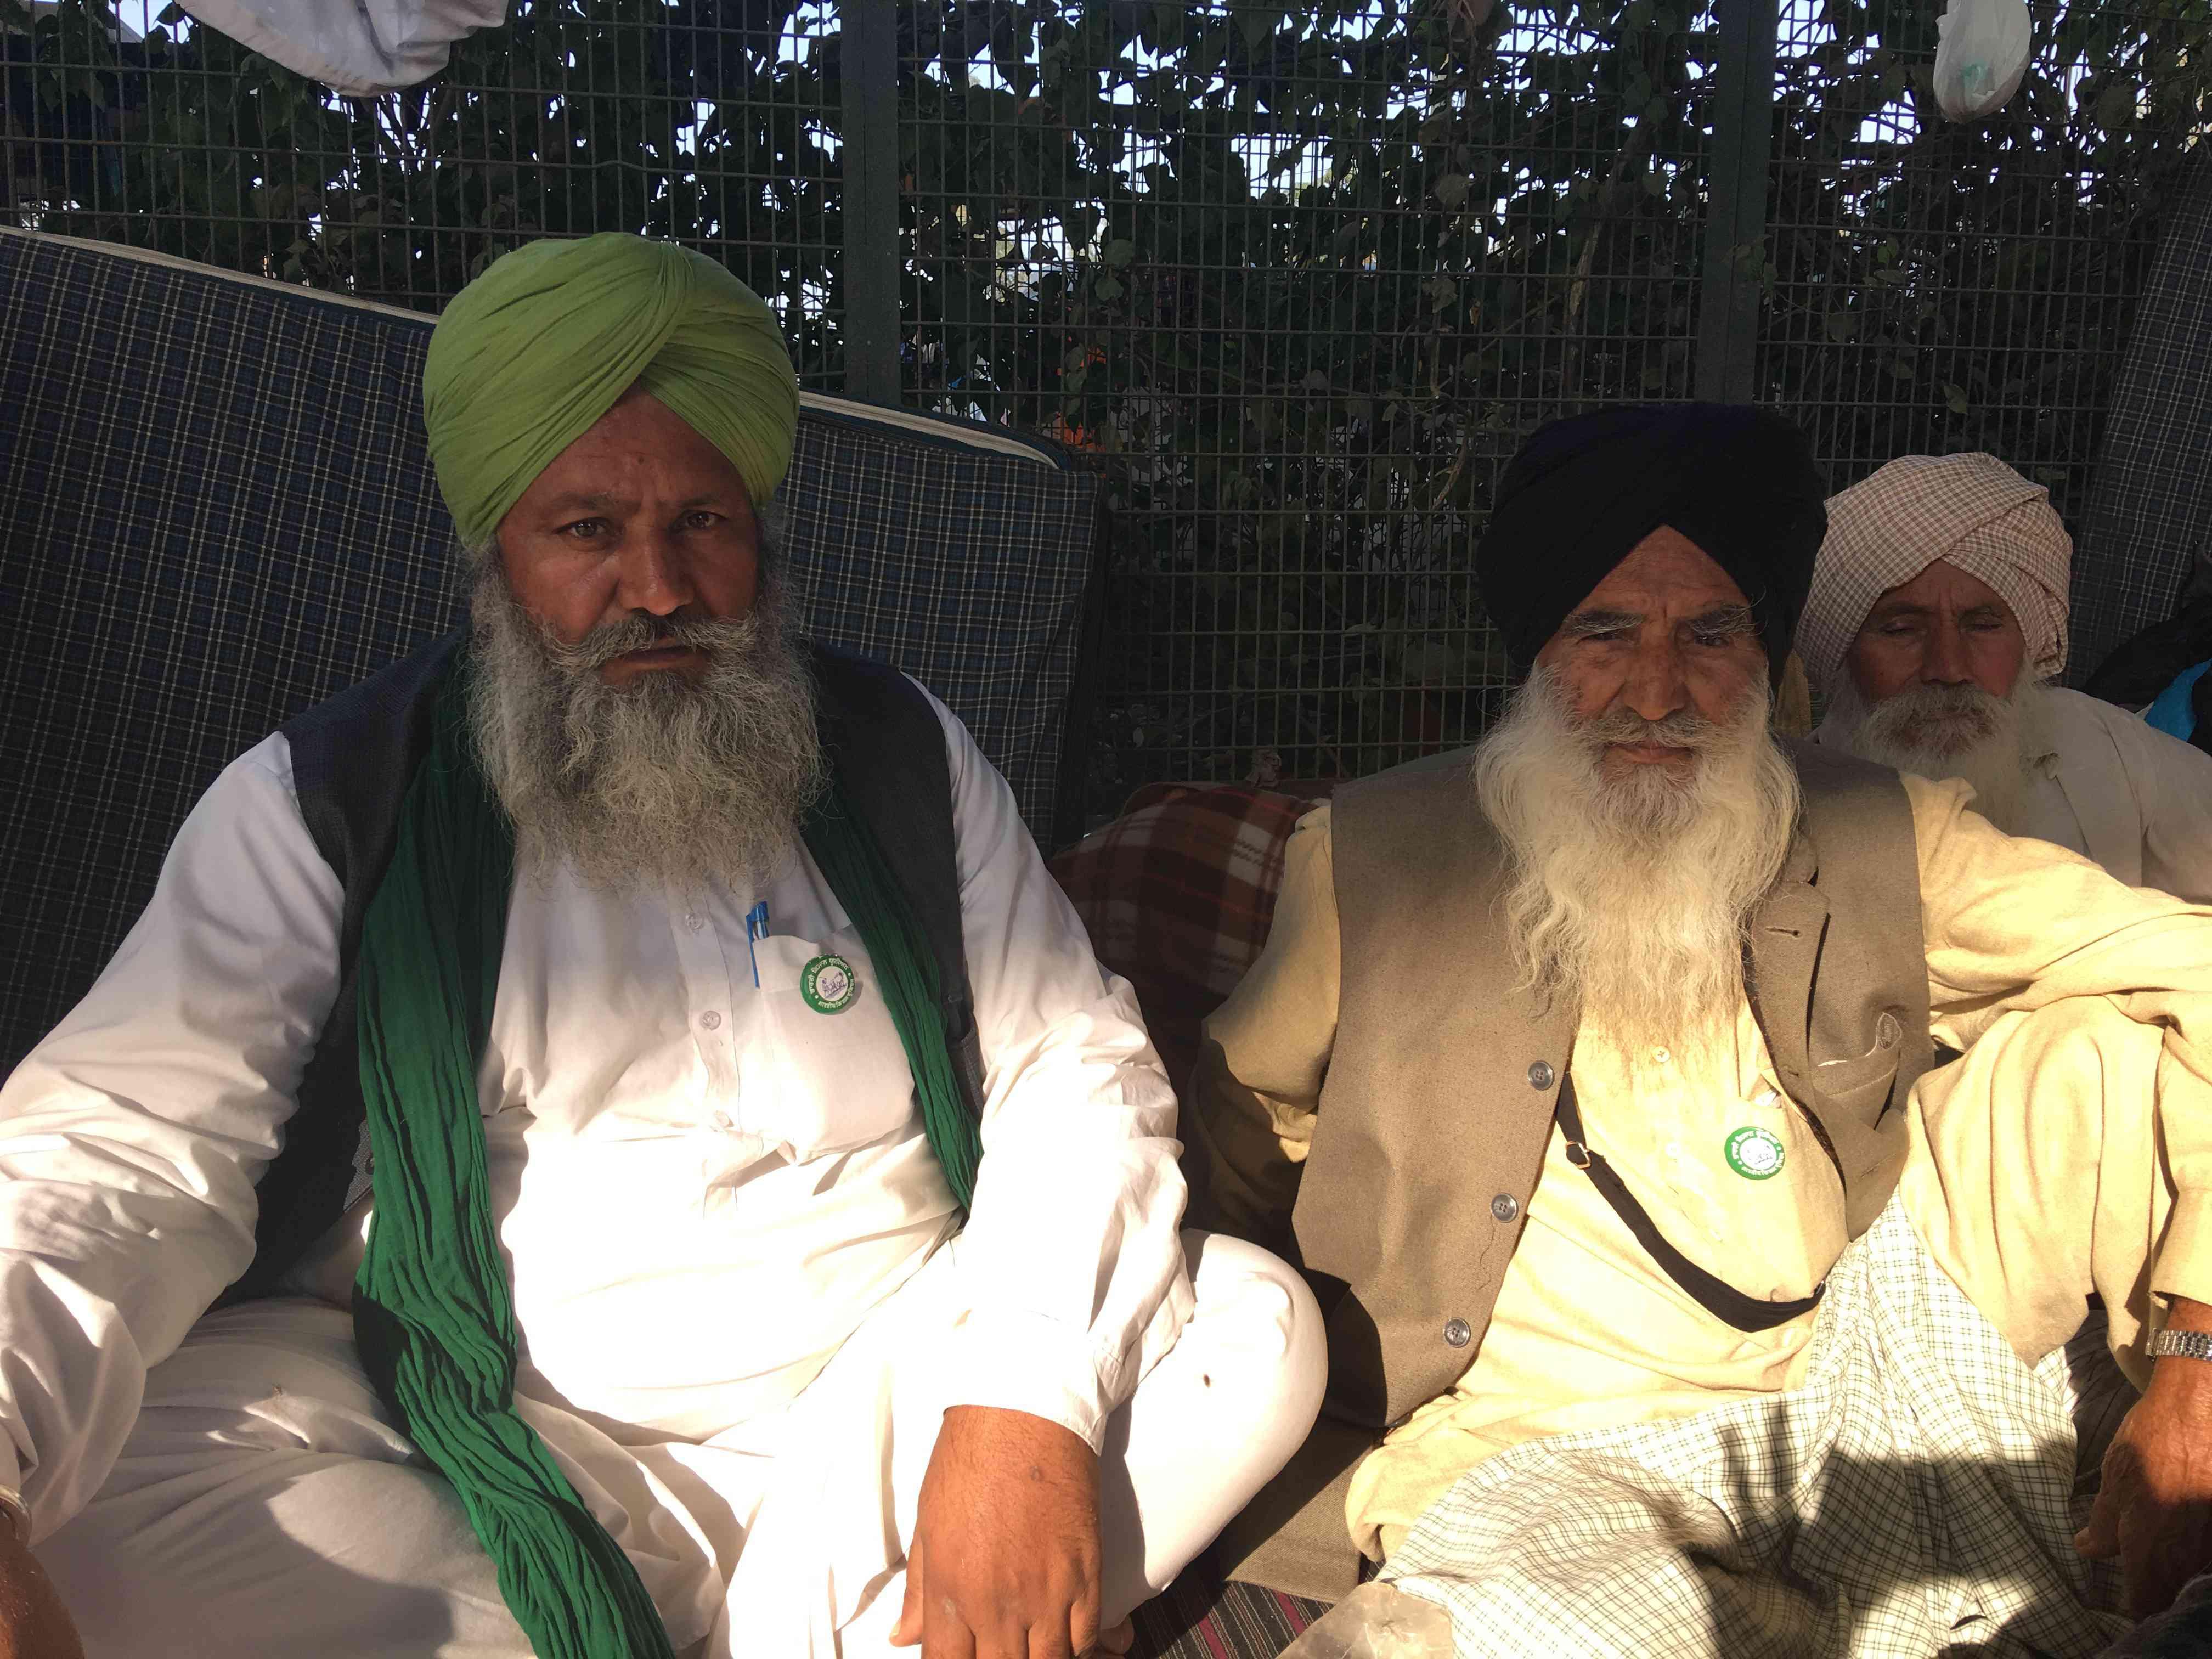 سورجیت سینگ (چپ) با کشاورز دیگری نشسته بود که او نیز از سنگرور ، پنجاب آمده بود.